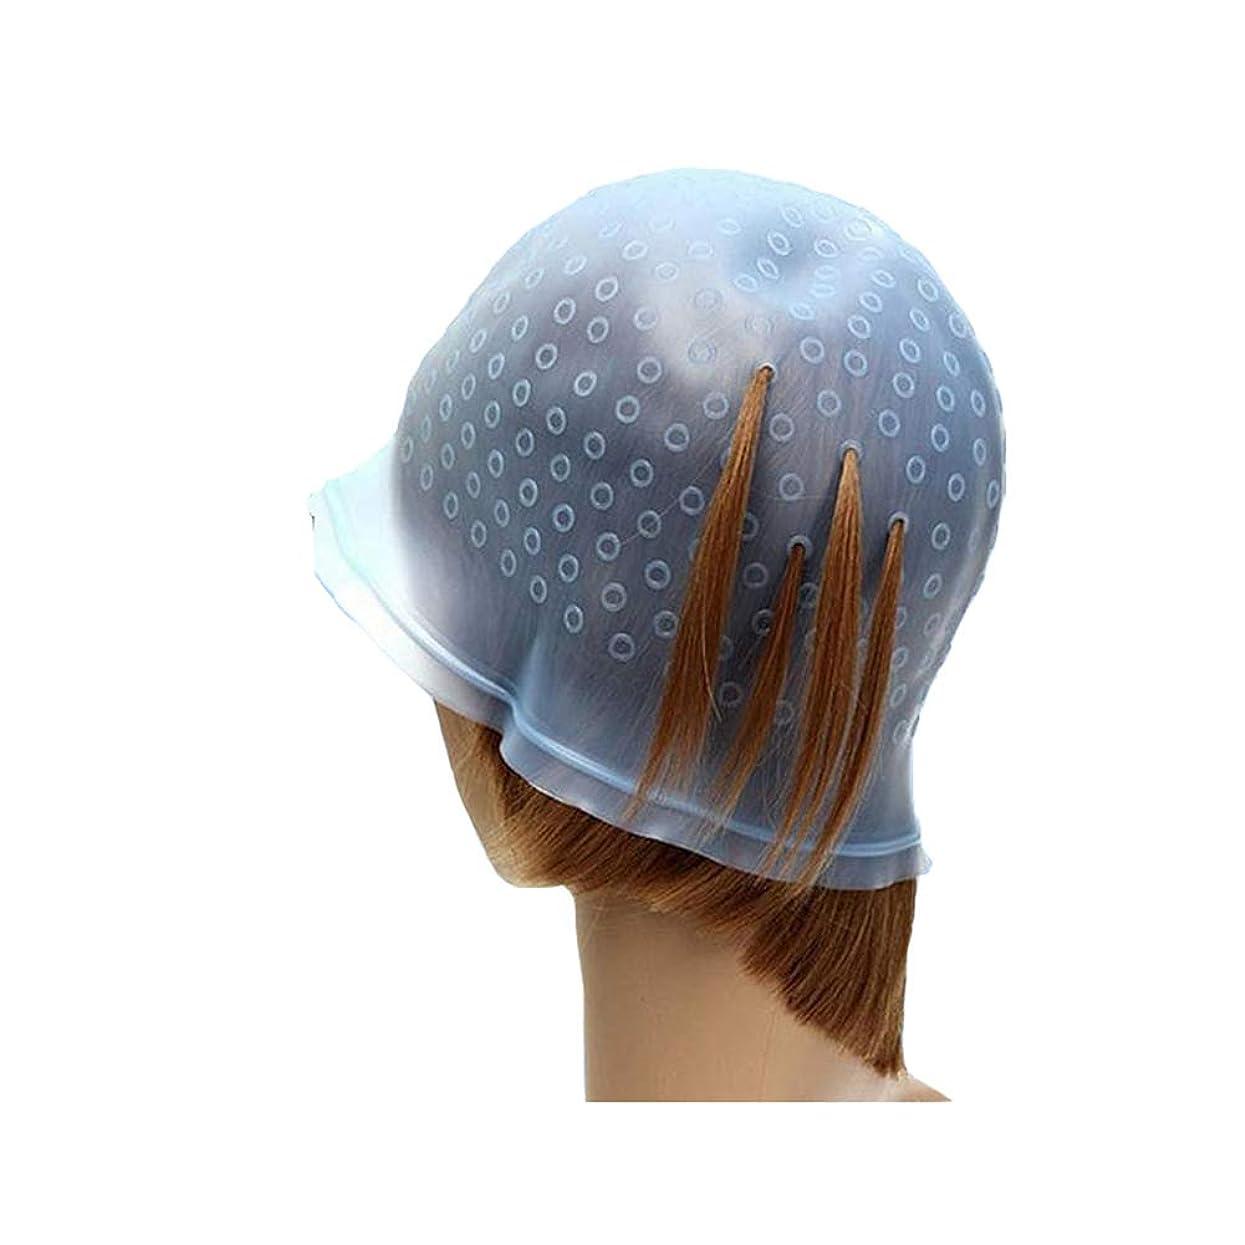 とは異なり開発子羊カラーリング メッシュ用 シリコンキャップ セルフカラー 髪の毛 穴あけ用のかぎ針付き 髪 レディース メンズ